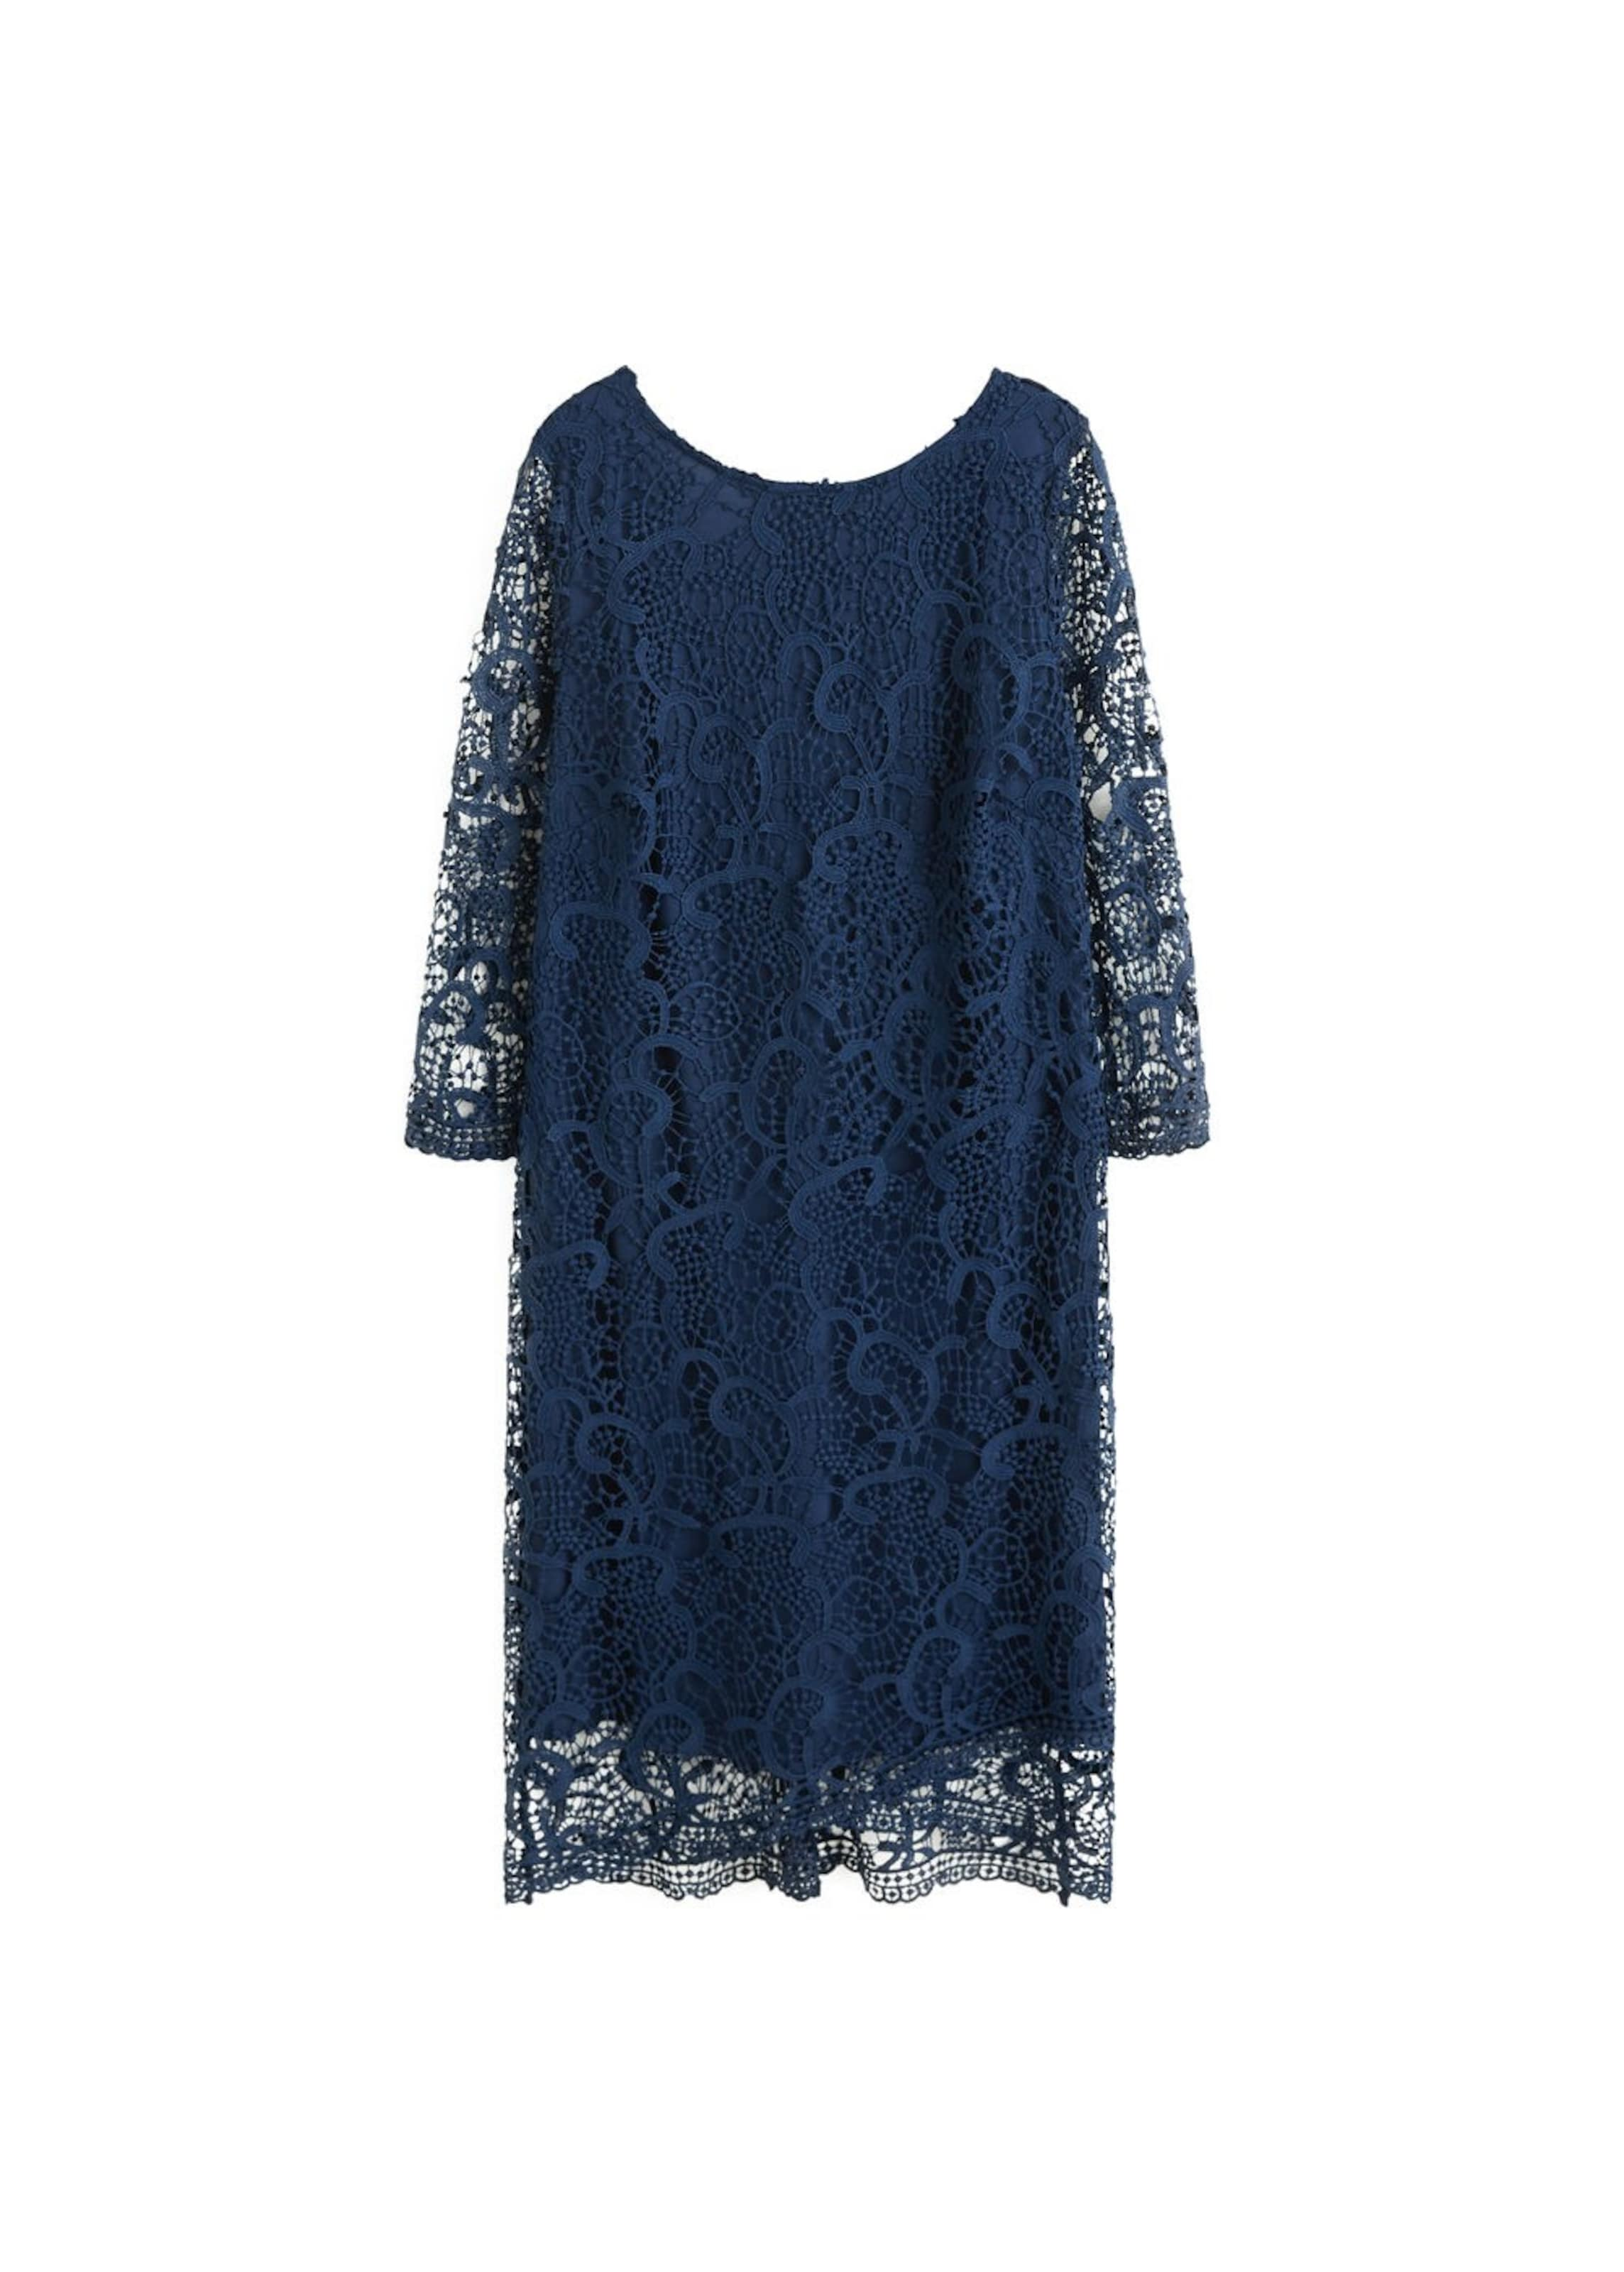 Mango Violeta By 'gandhi i' Kleid In Dunkelblau H9IDWEe2Yb